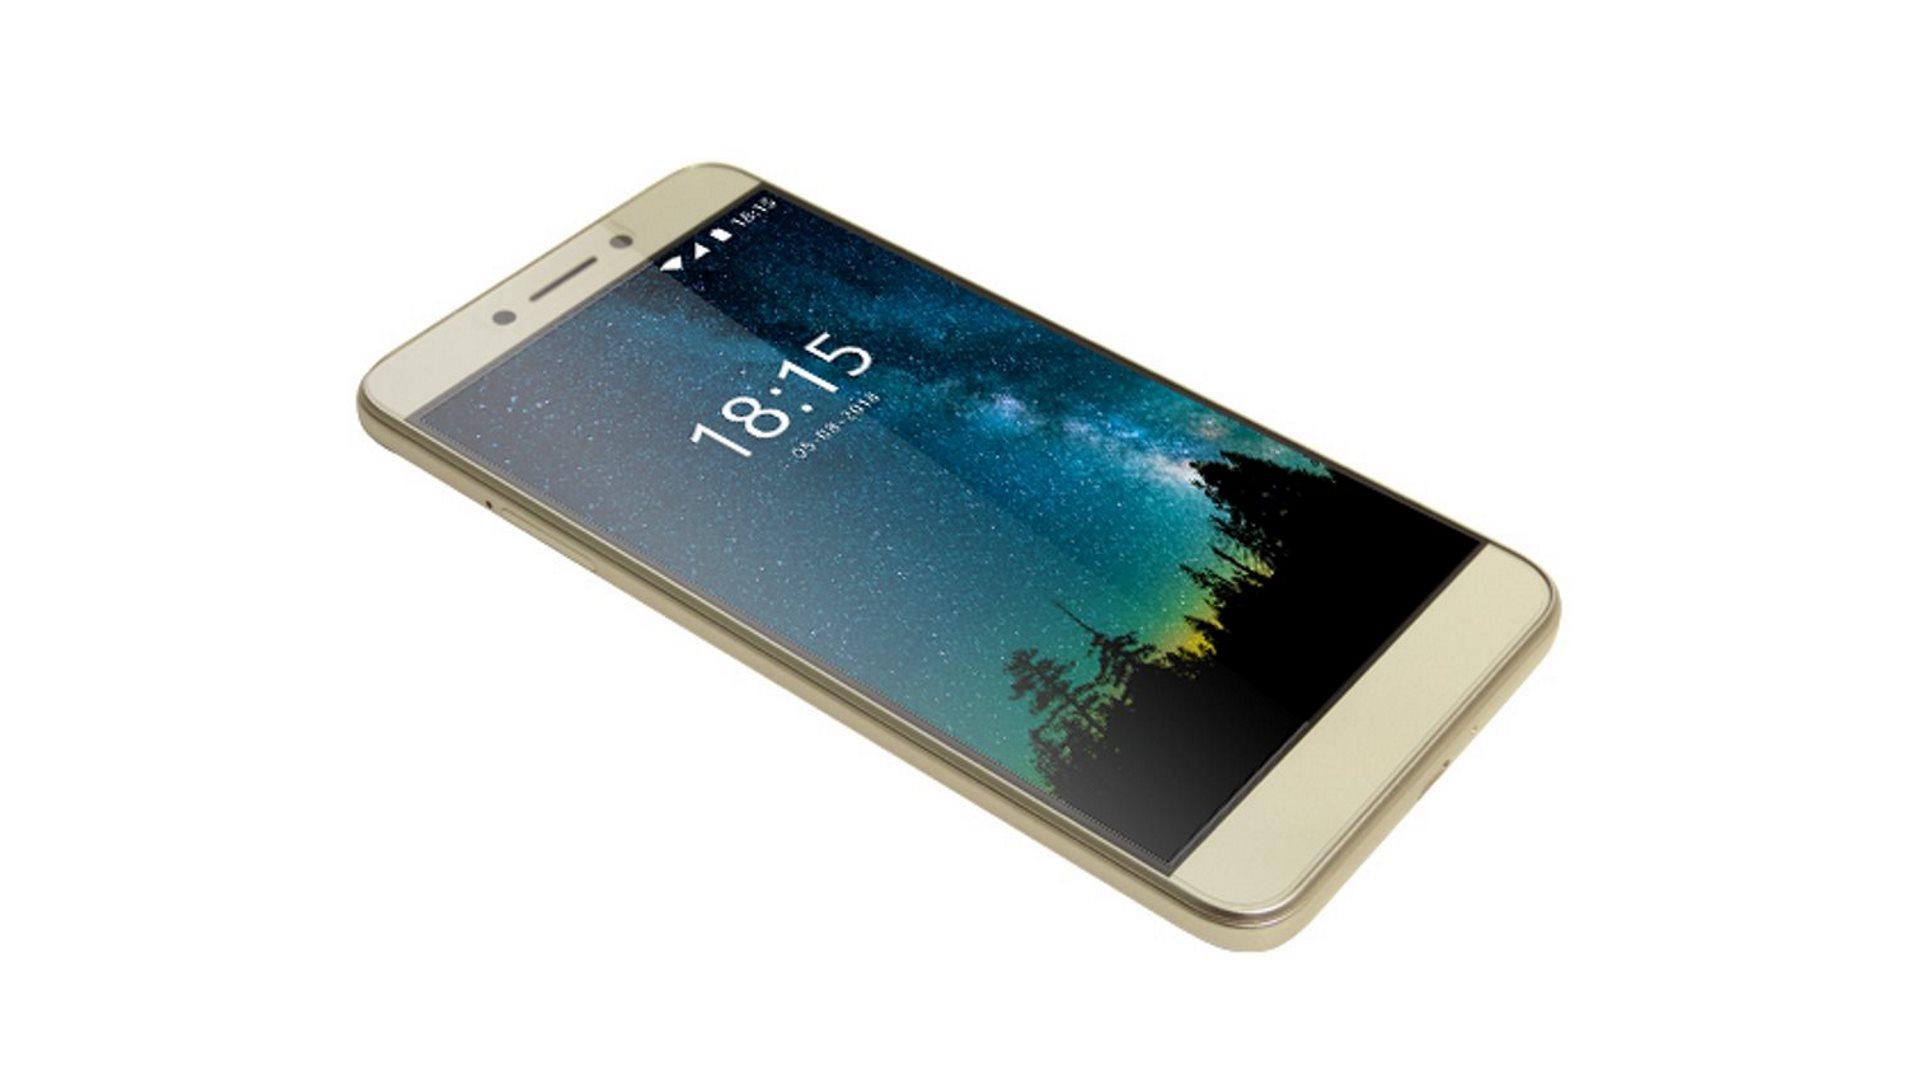 На иллюстрации изображён смартфон BQ-5517L Twin Pro золотого цвета под углом